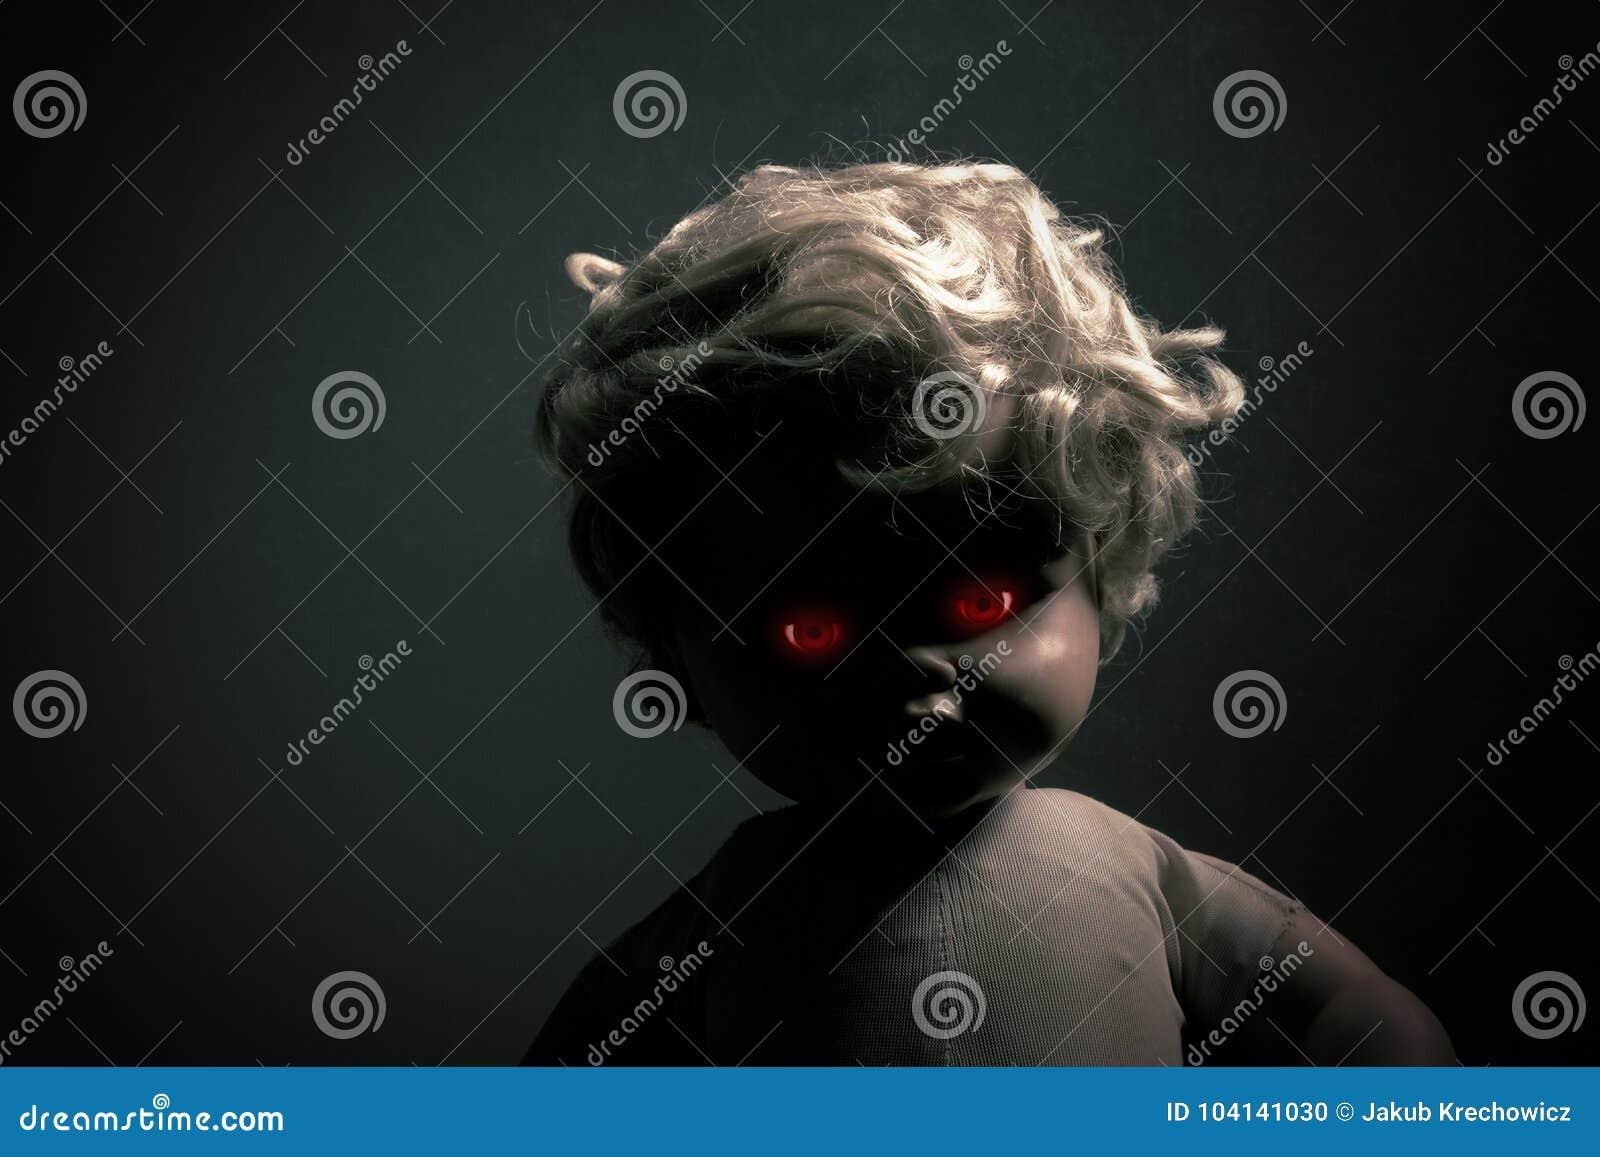 Gruselige Puppe Mit Roten Glühenden Augen Stockfoto Bild Von